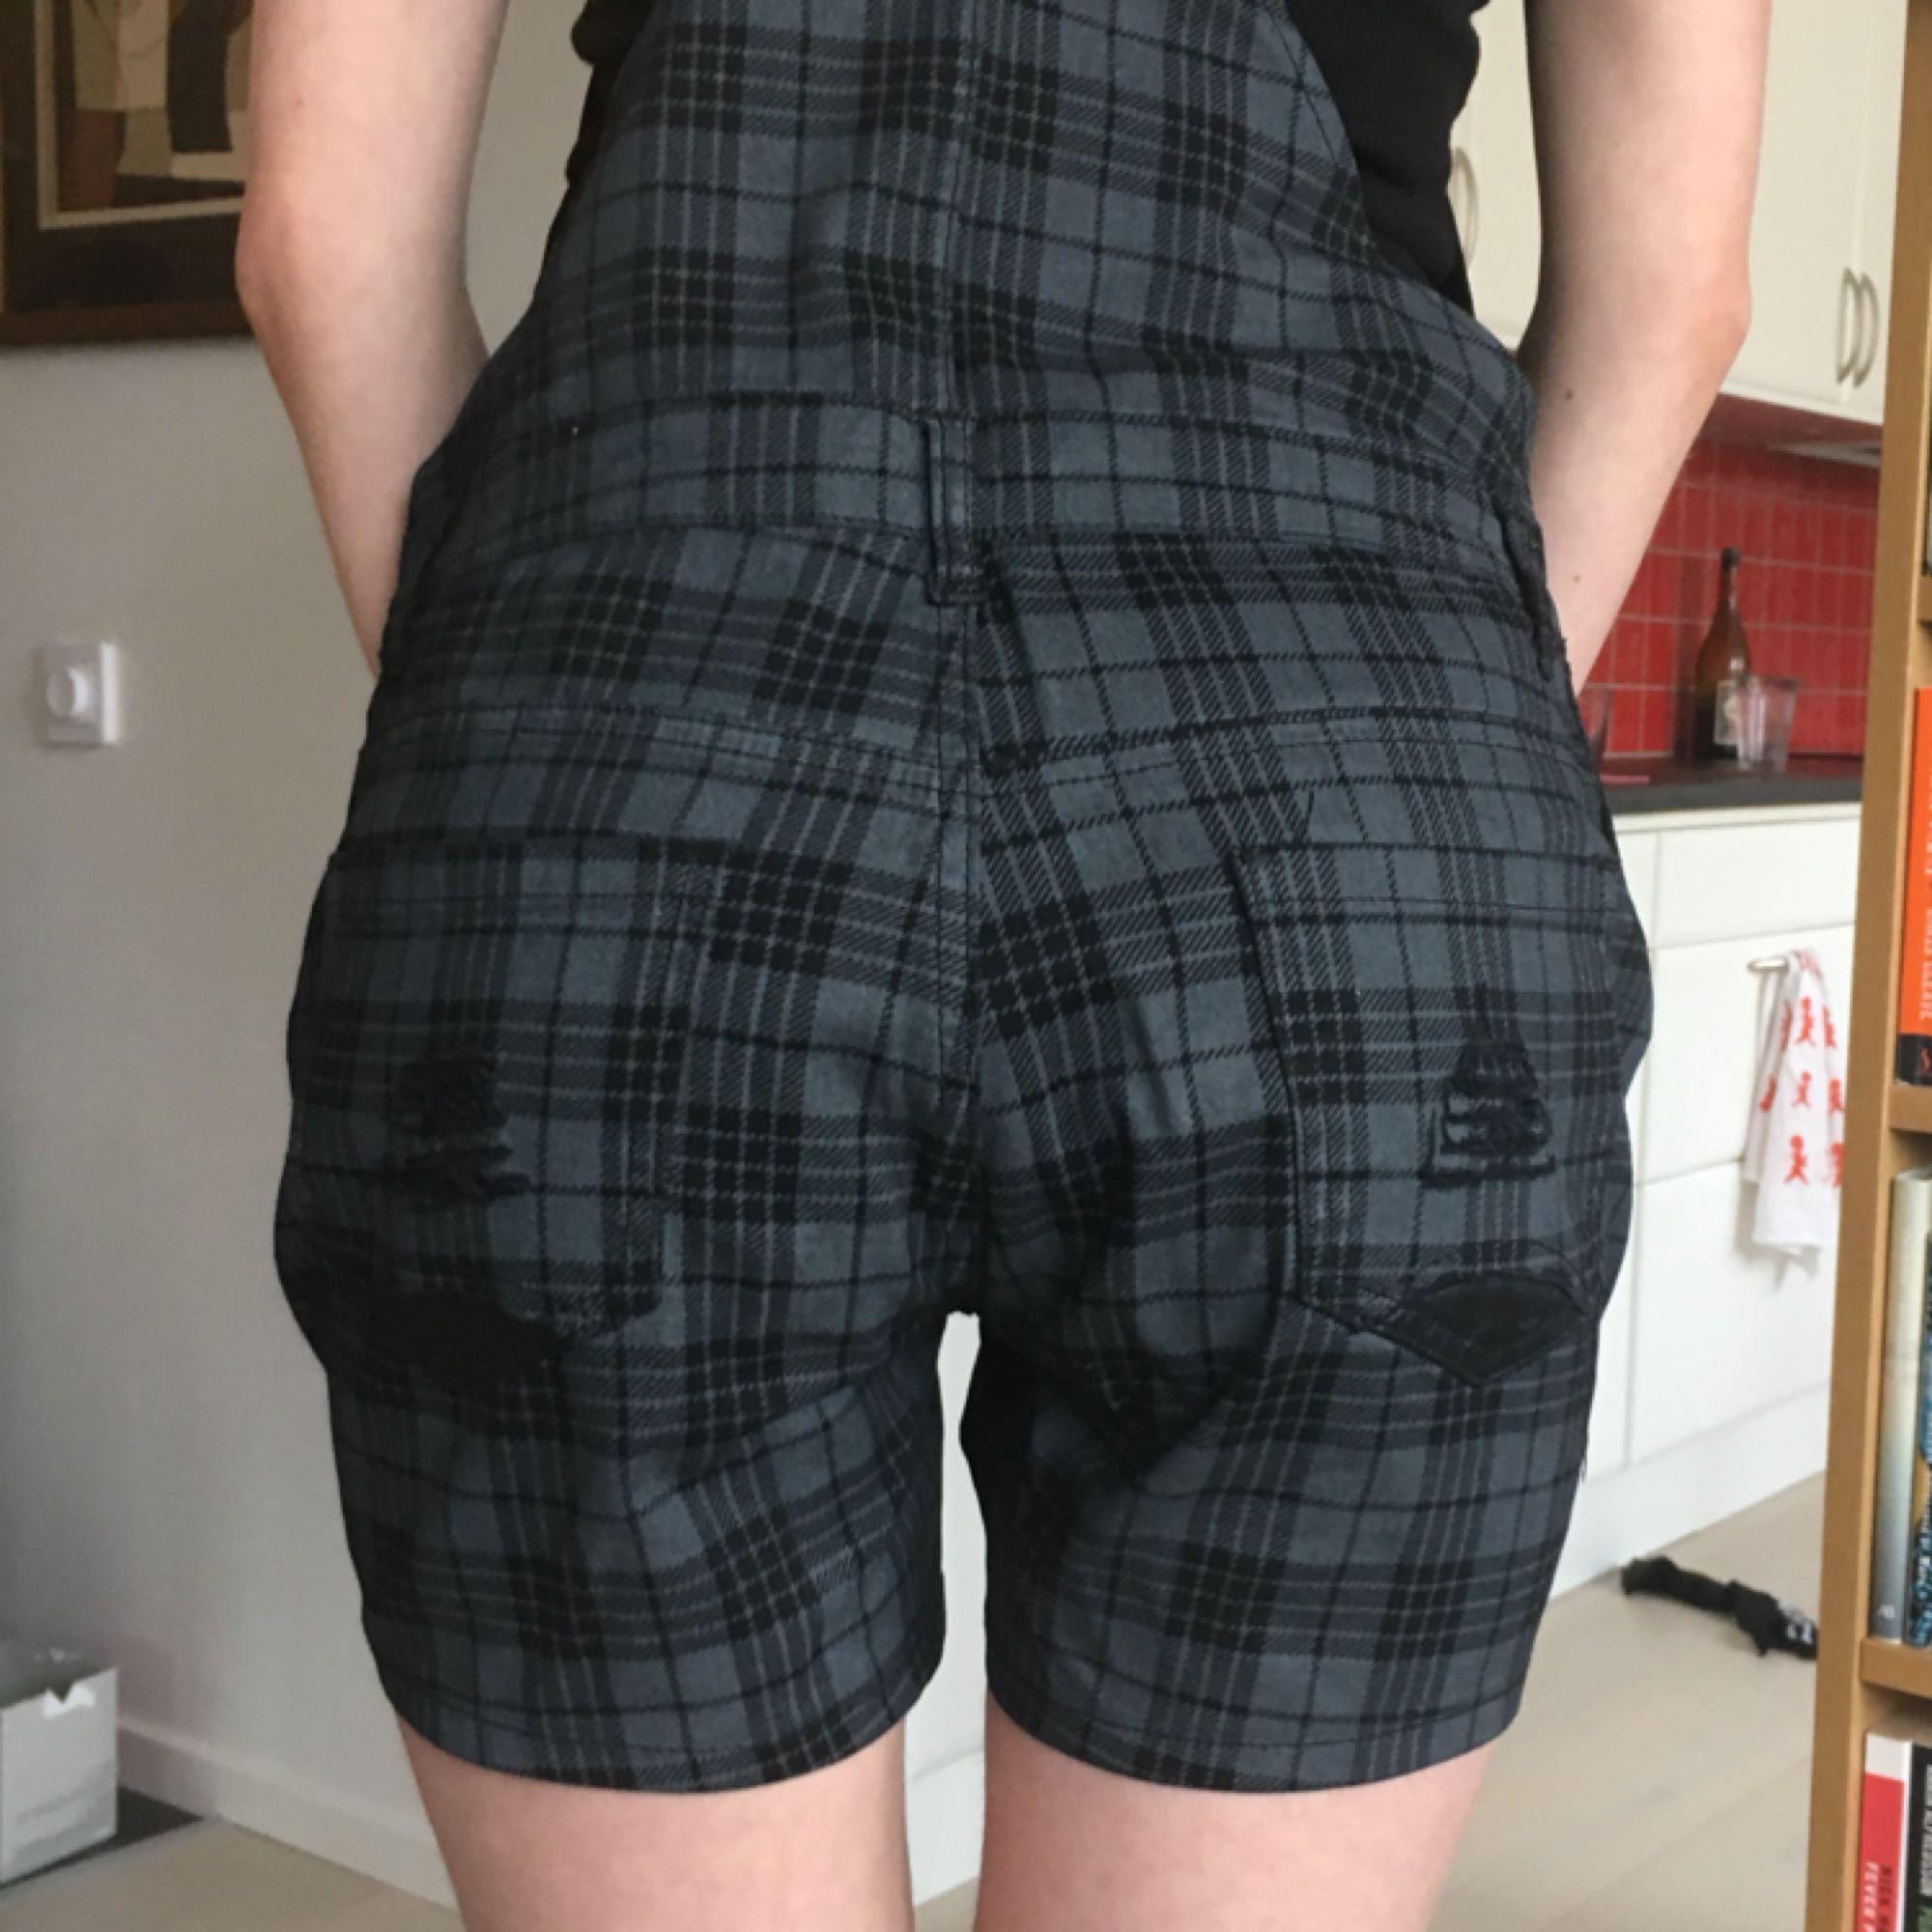 Rutiga hängeselshorts från Sweden Rock shop, perfekta för sommaren! Passar small-medium bäst (modellen har XS och de är stora på henne) 🦋. Shorts.